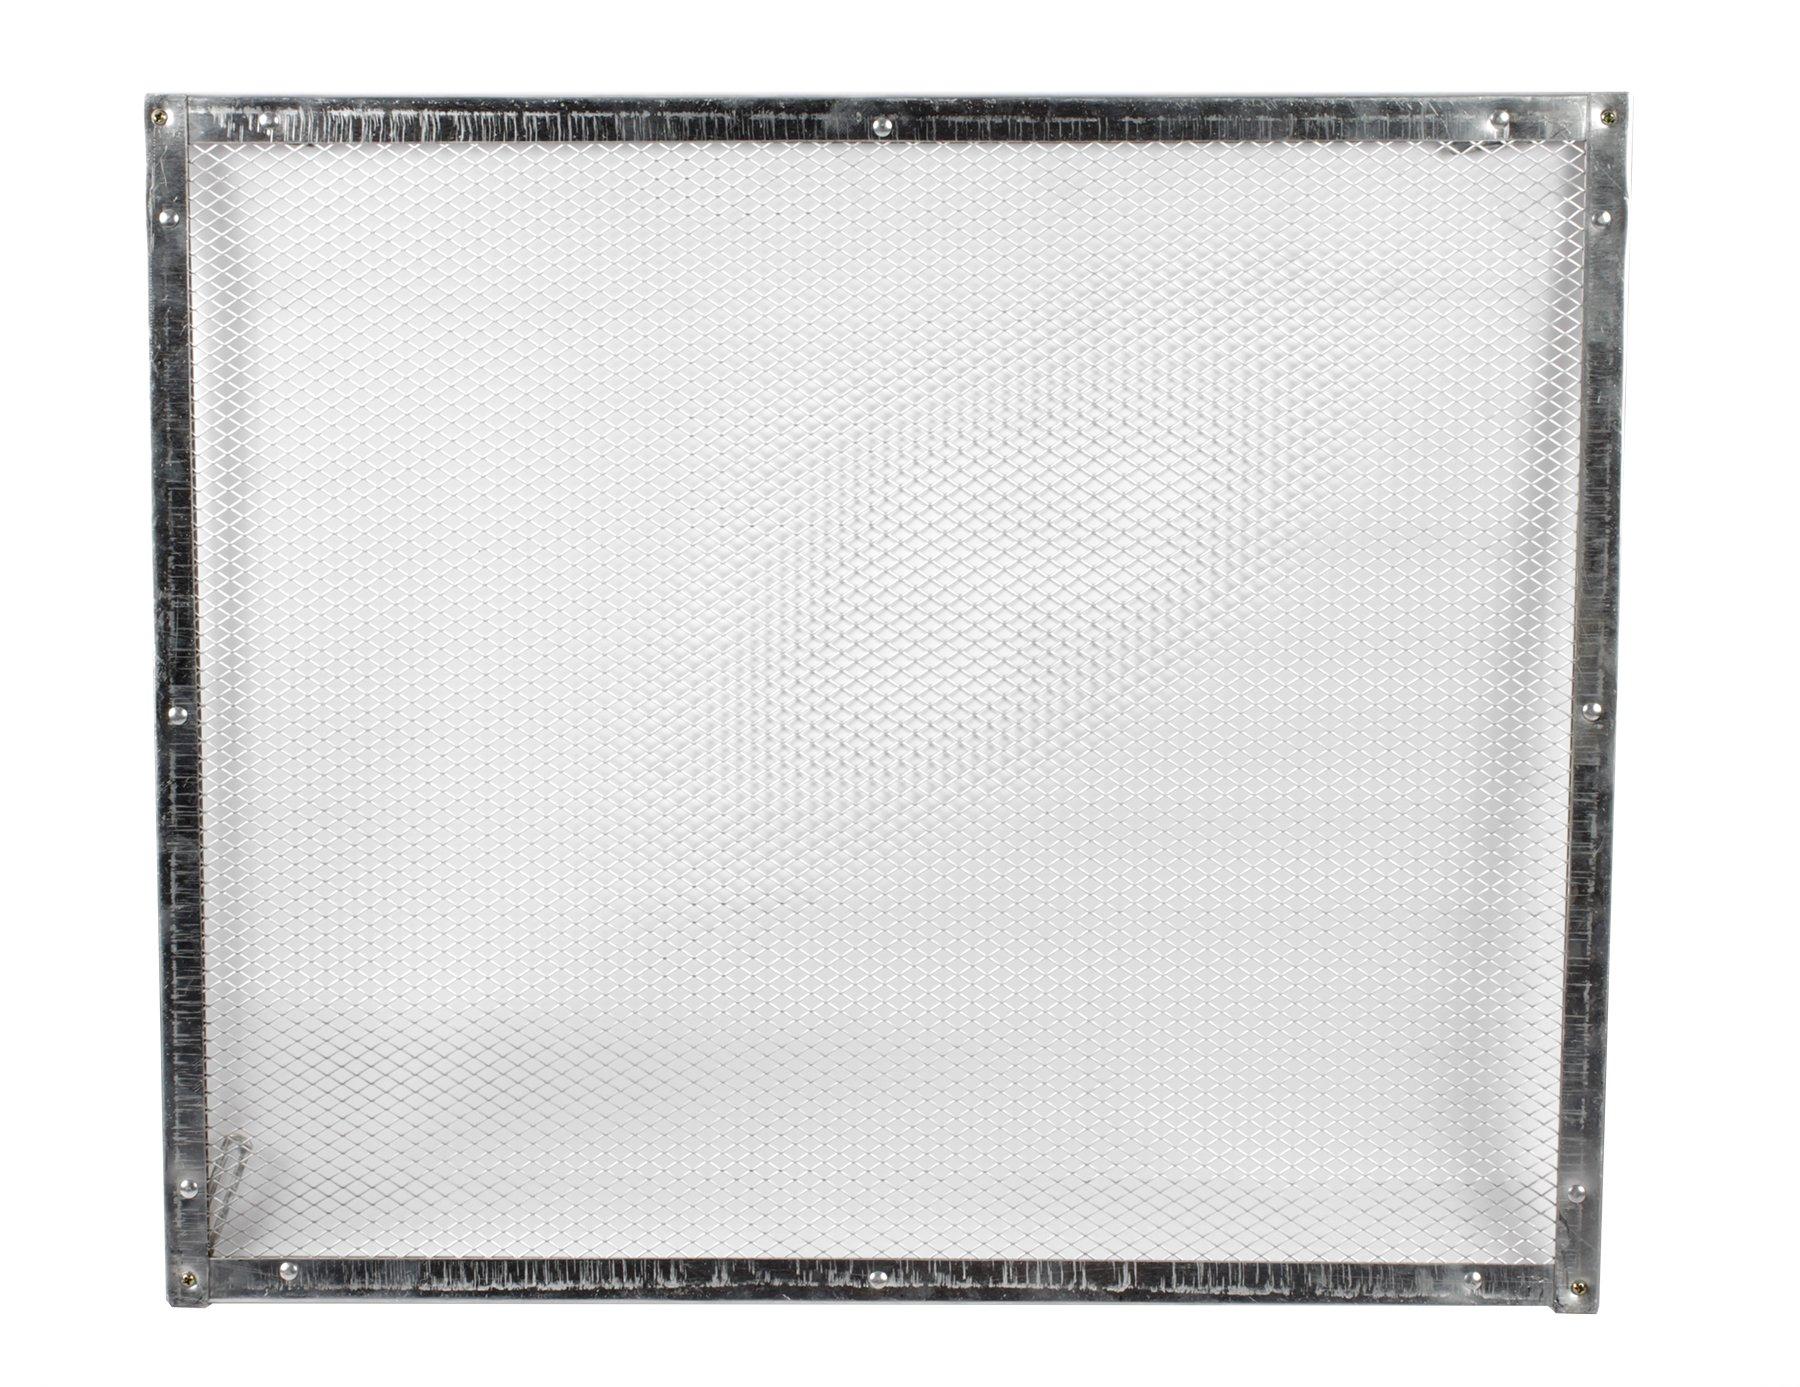 Rv aluminum screen door standard grille protector children pet rv aluminum screen door standard grille protector children pet guard camper part vtopaller Image collections